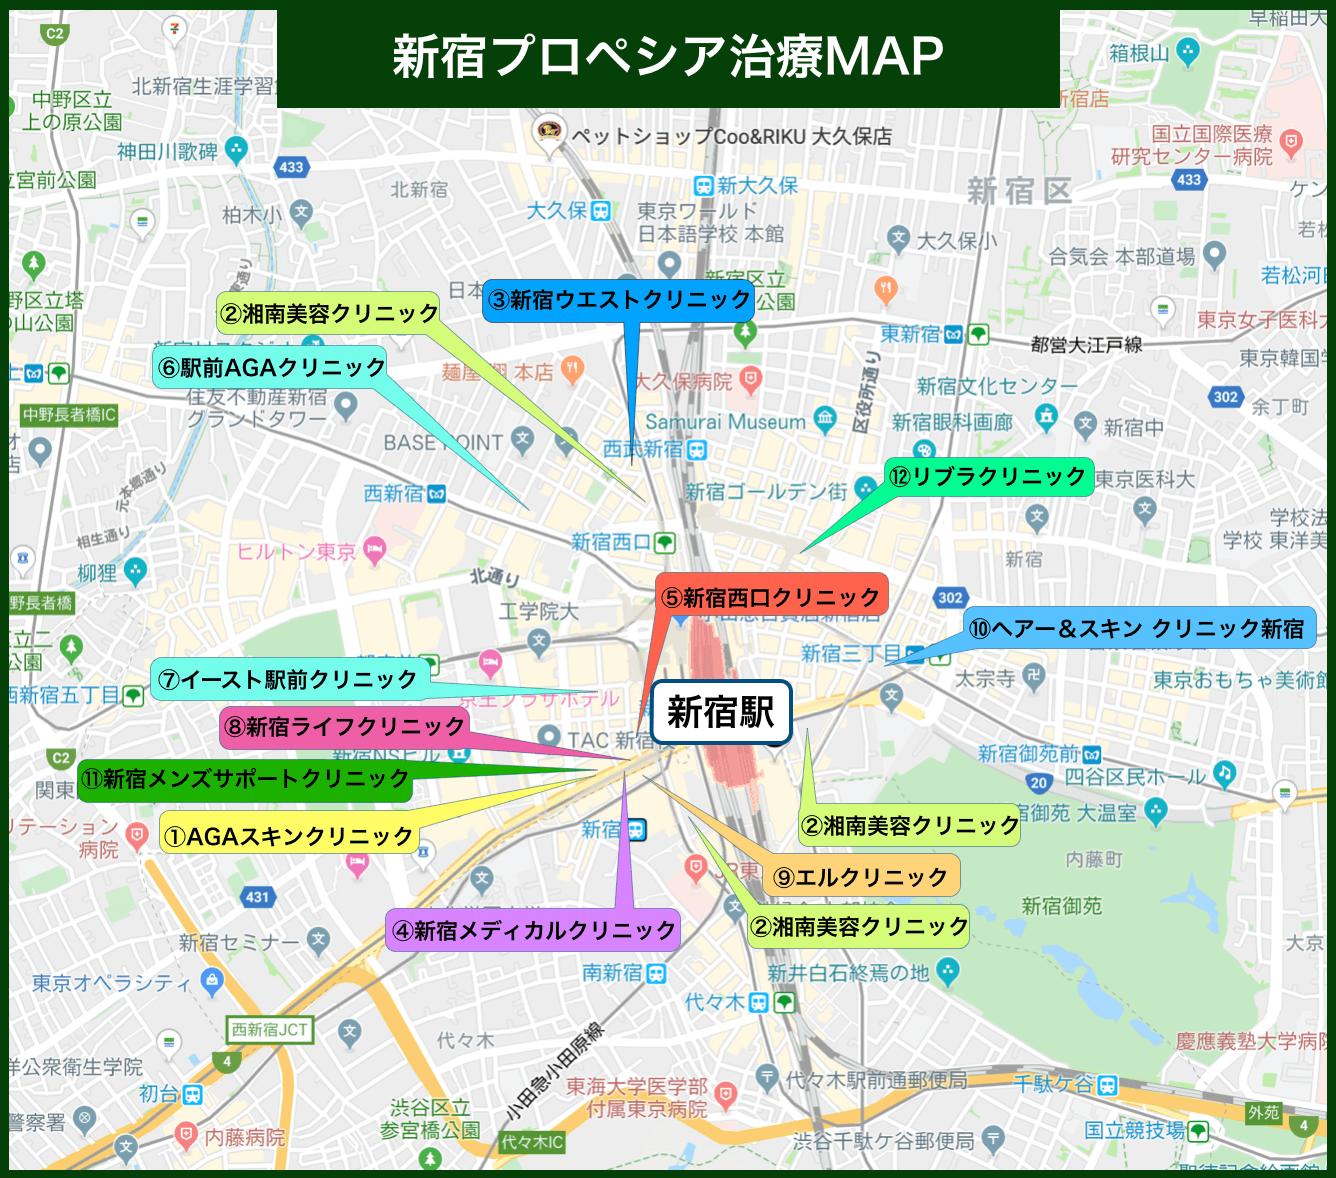 新宿プロペシア治療MAP(2019年12月版)